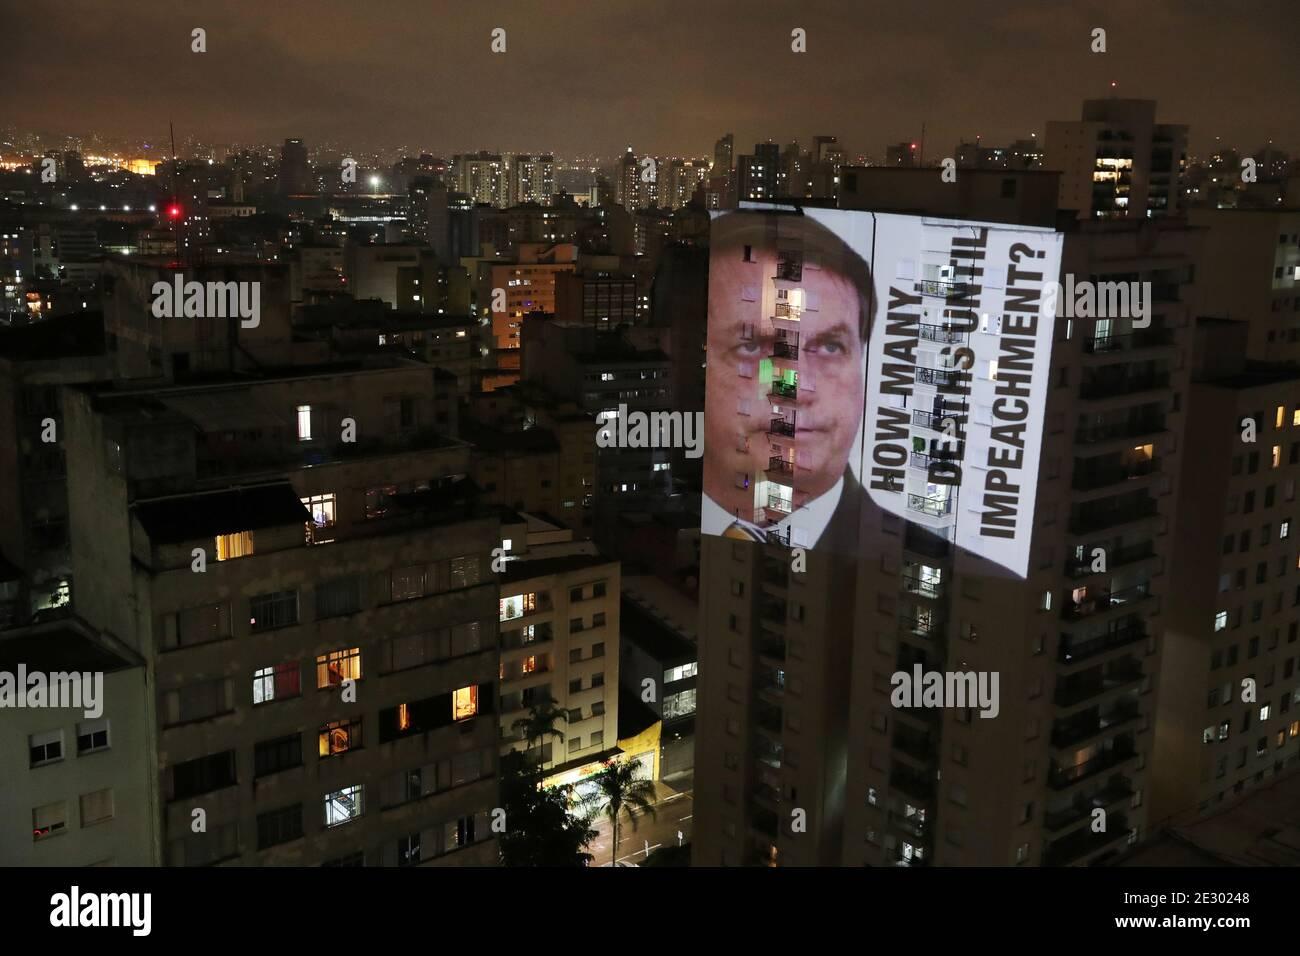 """Una imagen del presidente de Brasil, Jair Bolsonaro, con la frase """"cuantas muertes hasta juicio político"""" se proyecta en un edificio durante una protesta contra sus políticas por el brote de la enfermedad de coronavirus (COVID-19) y la crisis de salud de Manaus en el barrio de Santa Cecilia en Sao Paulo, Brasil 15 de enero de 2021. REUTERS/Amanda Perobelli Foto de stock"""